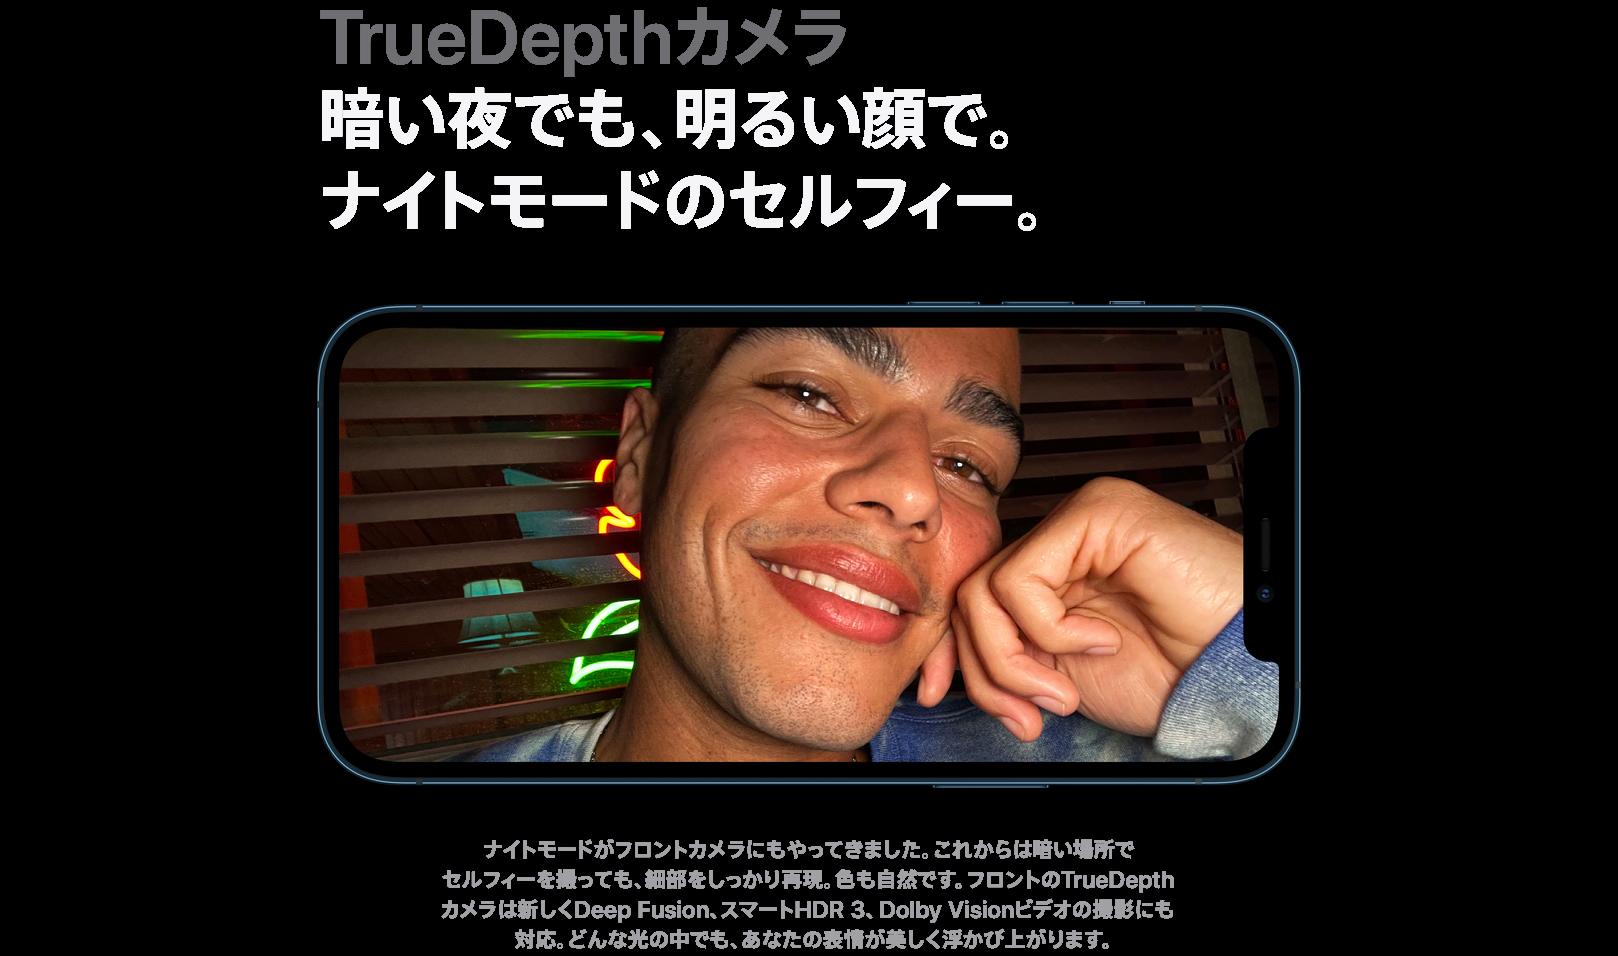 TrueDepthカメラ 暗い夜でも、明るい顔で。ナイトモードのセルフィー。